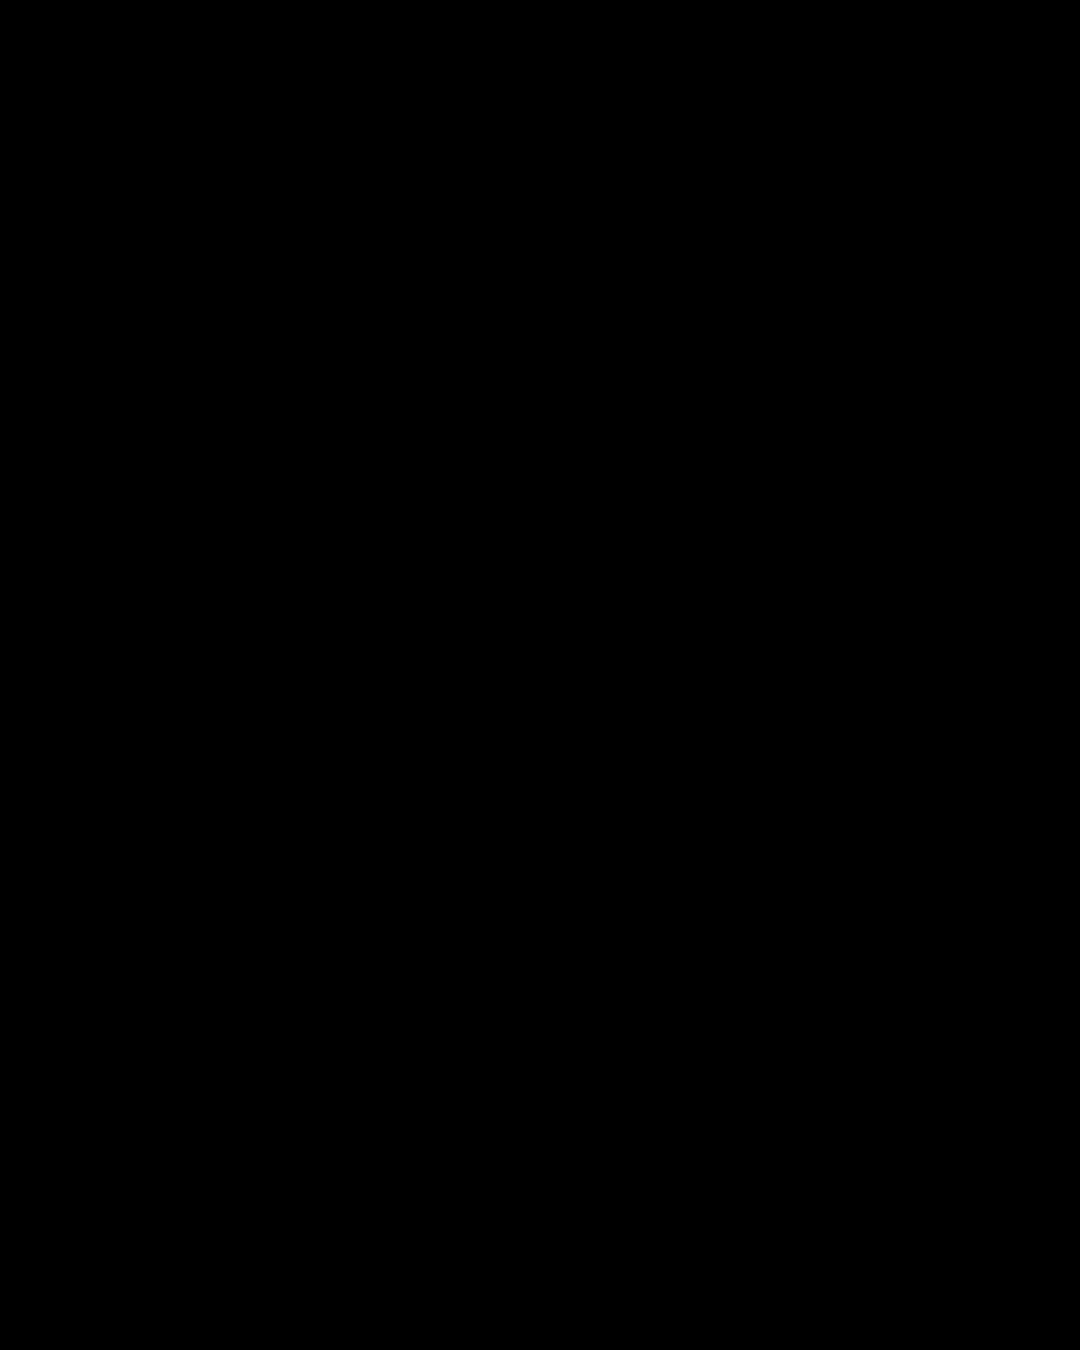 3-1주_006.jpg